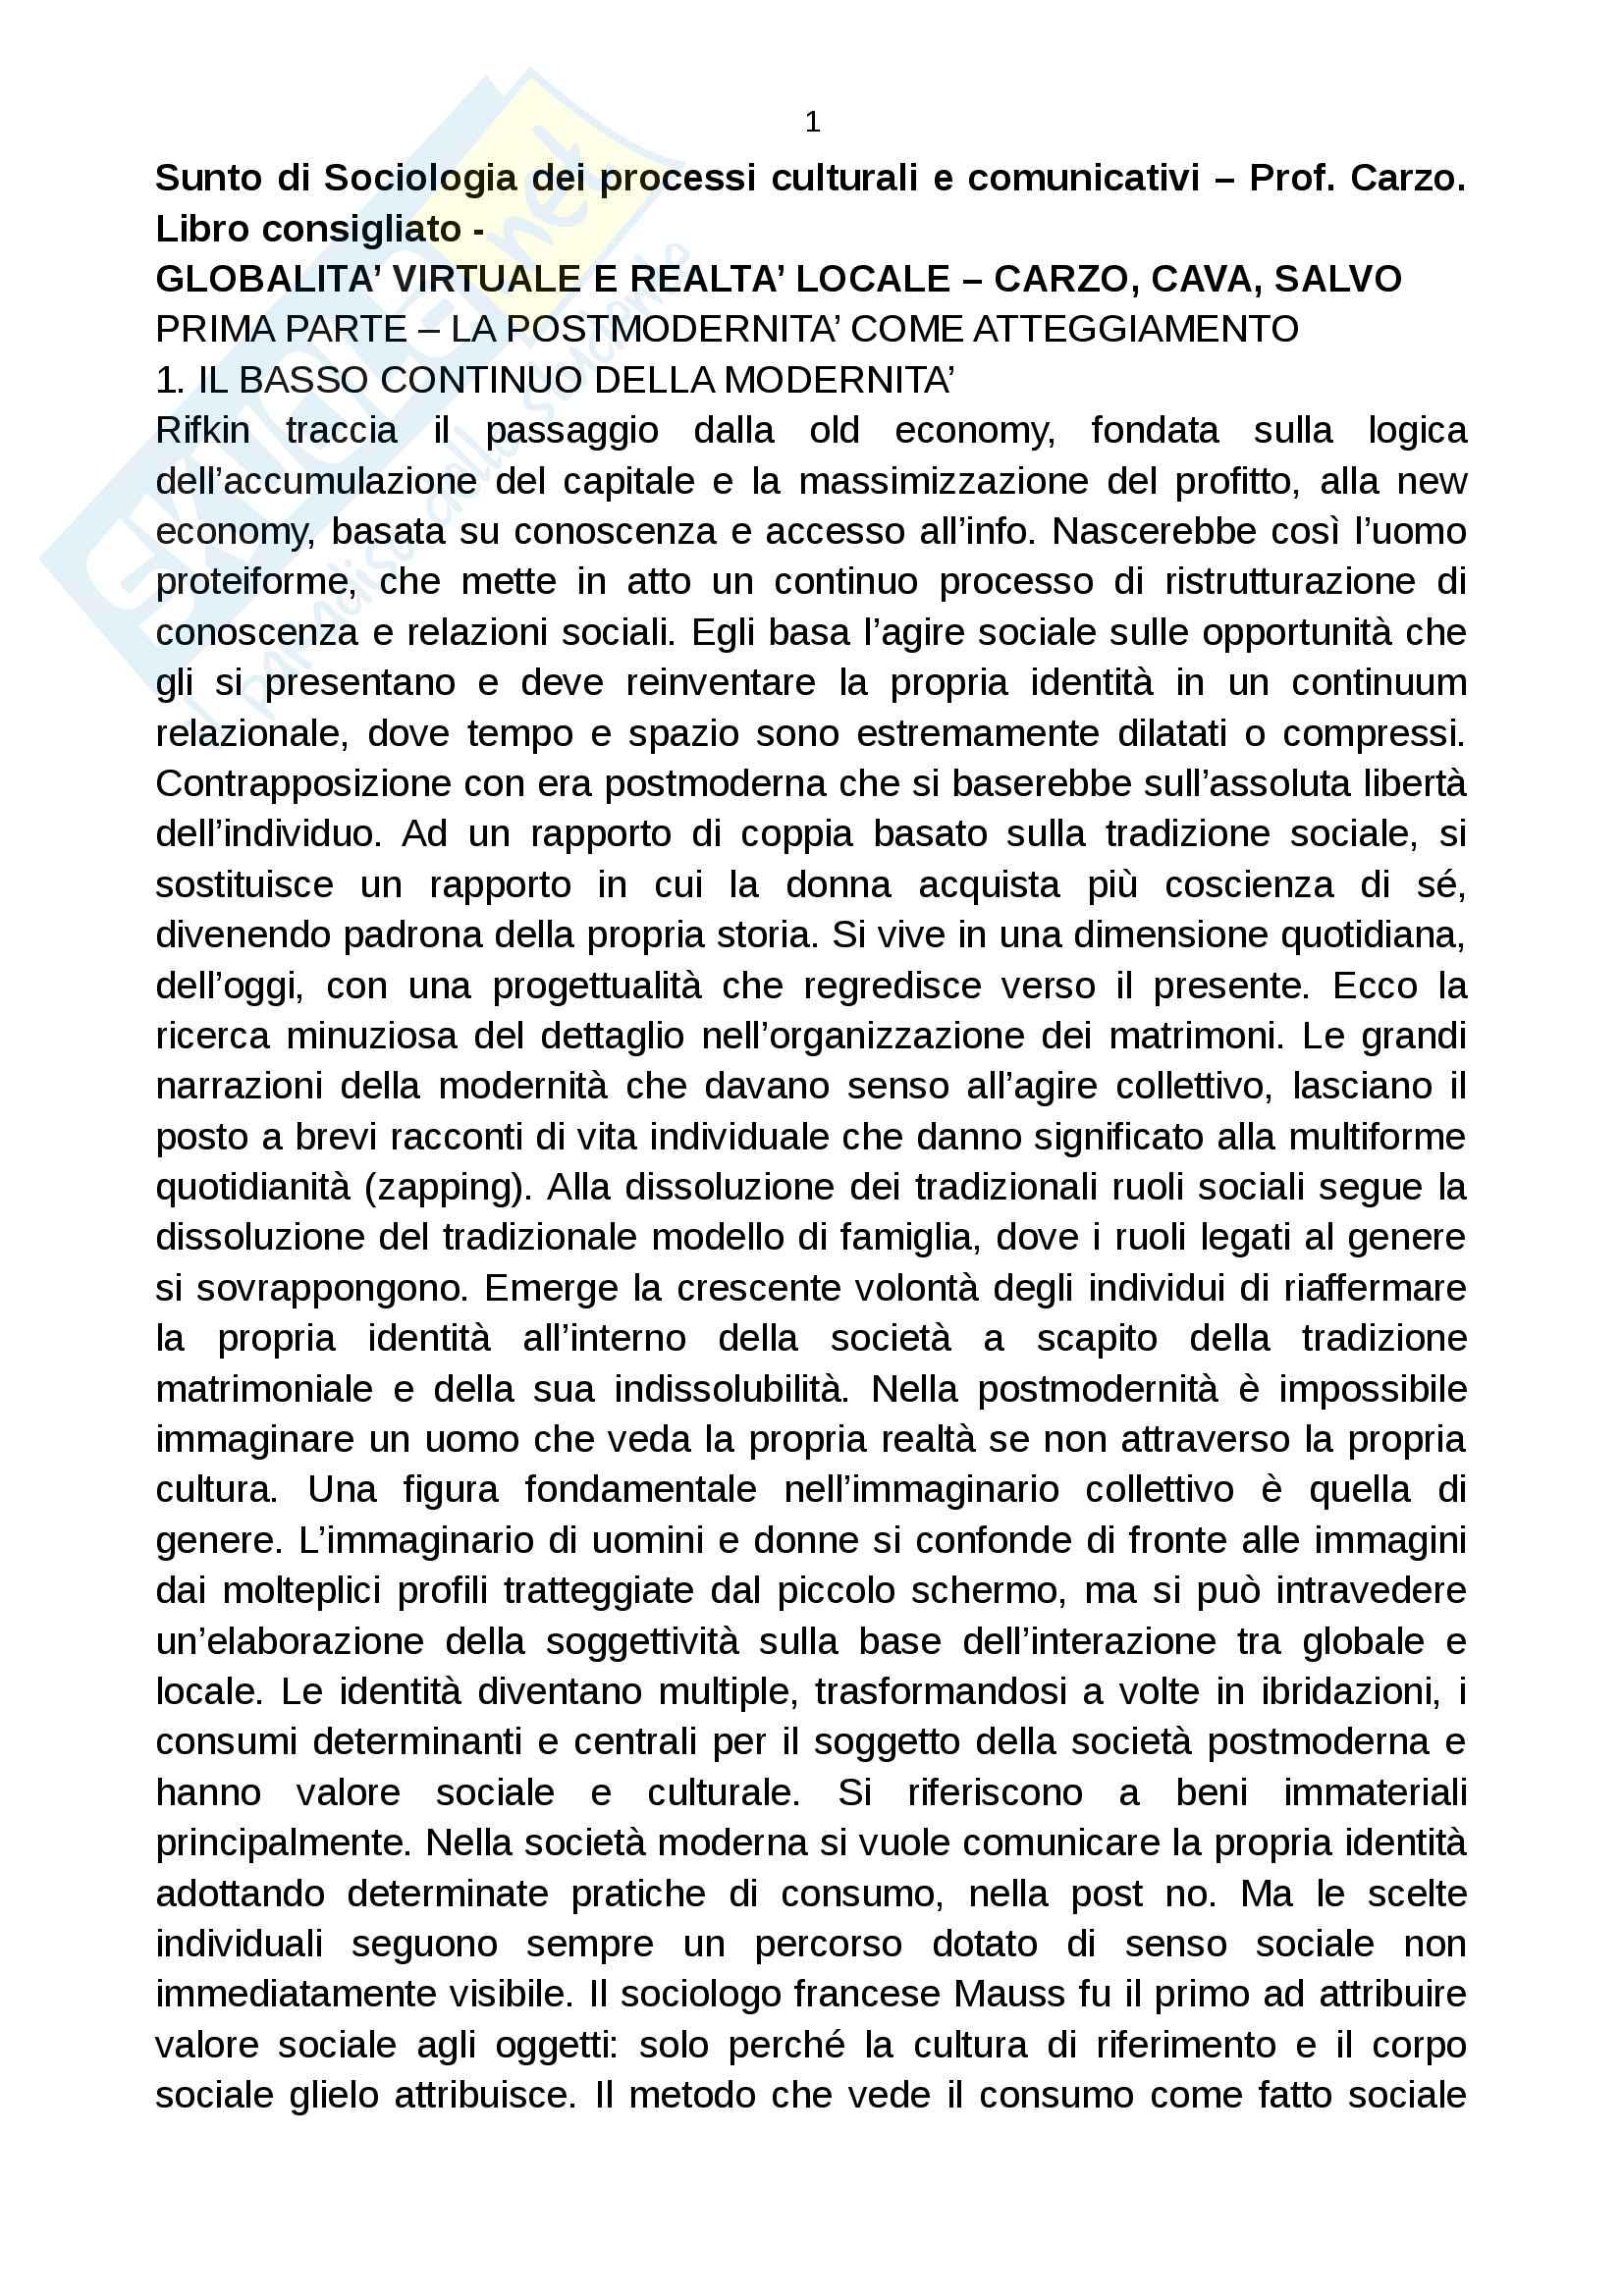 appunto D. Carzo Sociologia dei processi culturali e comunicativi